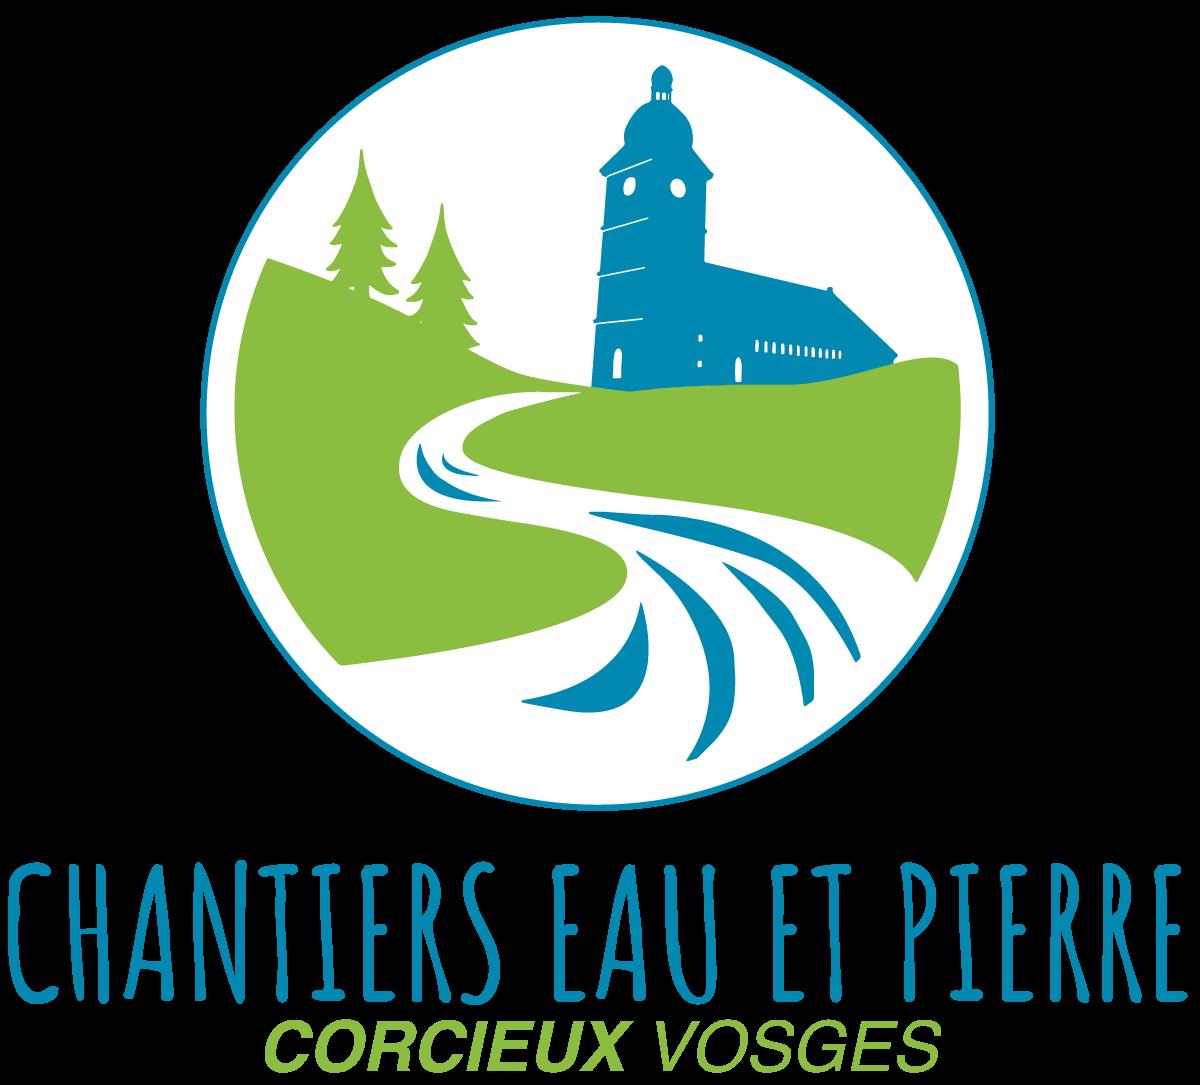 Logo de l'association IAE CHANTIERS EAU ET PIERRE - Vosges